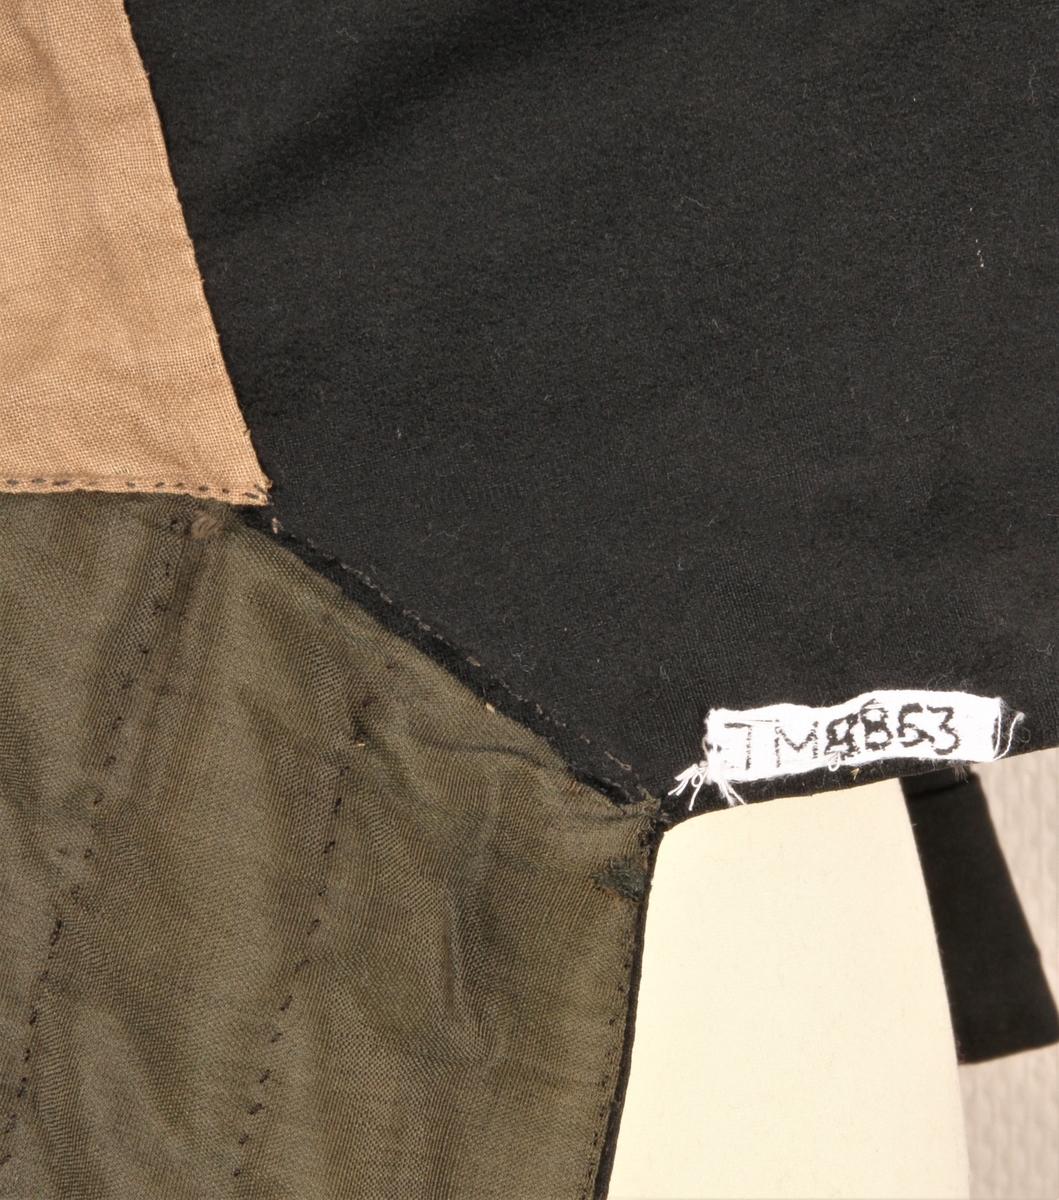 """Livkjole i svart, blankt ullstoff. Fóret i jakka er i toskaftvevet lin, og fóret i """"skjørtene"""" er er et svart/ grønt tynt toskaftvevet ullstoff. Ei stor hempe er pådsydd bak i kragen. Det er knapphull på begge slagene. Hele livkjolen er håndsydd, i hovedsak med brun lintråd."""